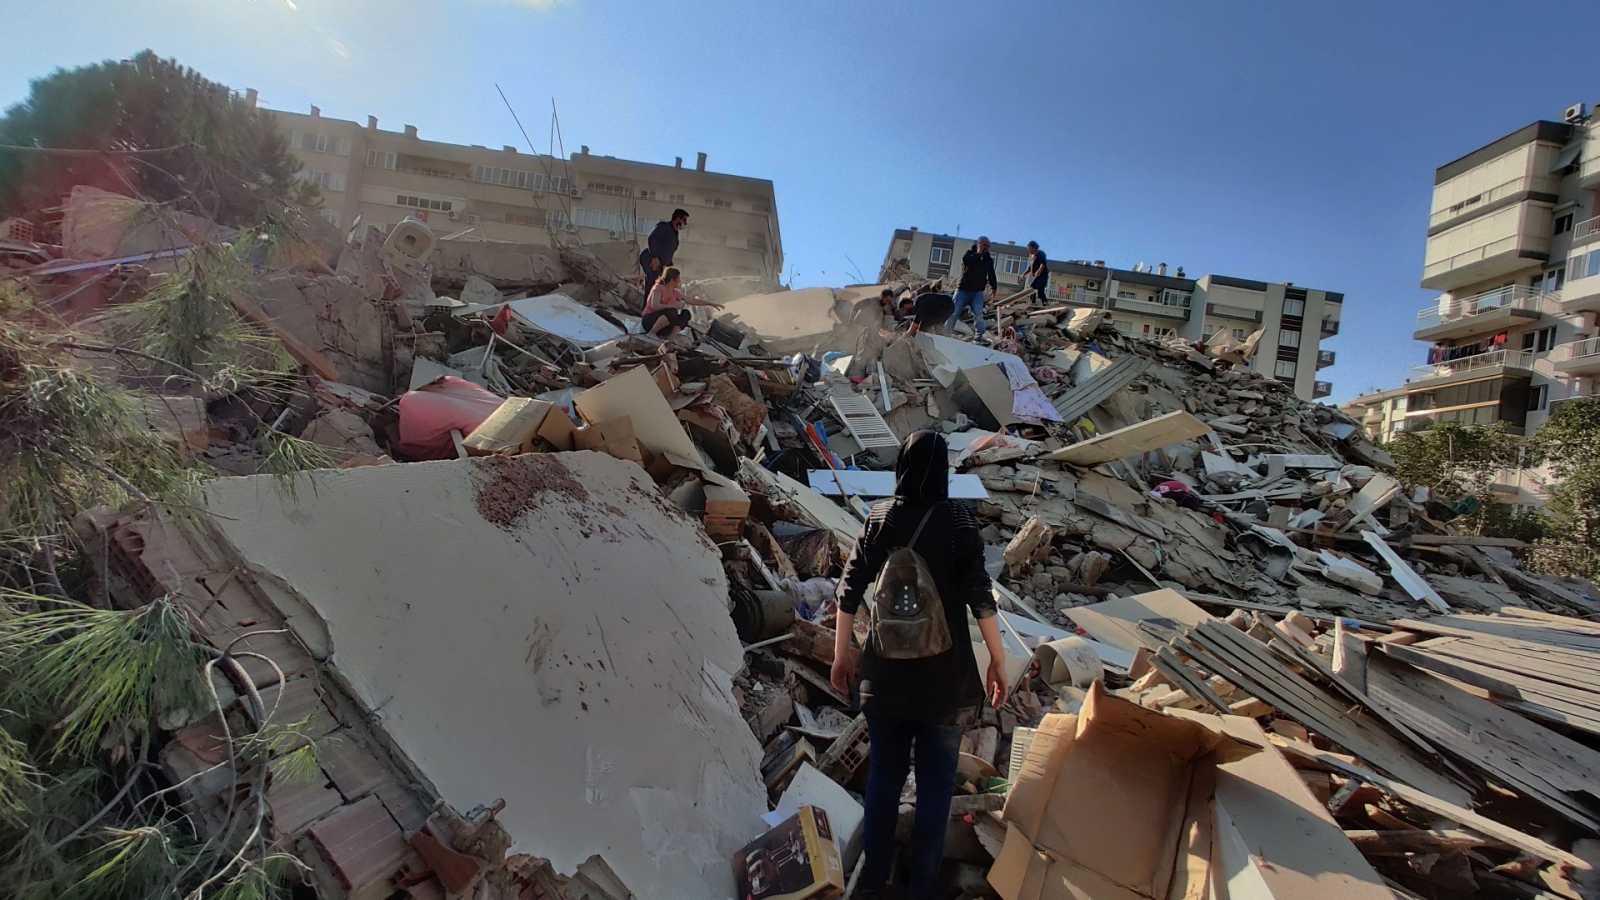 El terremoto se produjo el pasado viernes causando la muerte de 114 personas